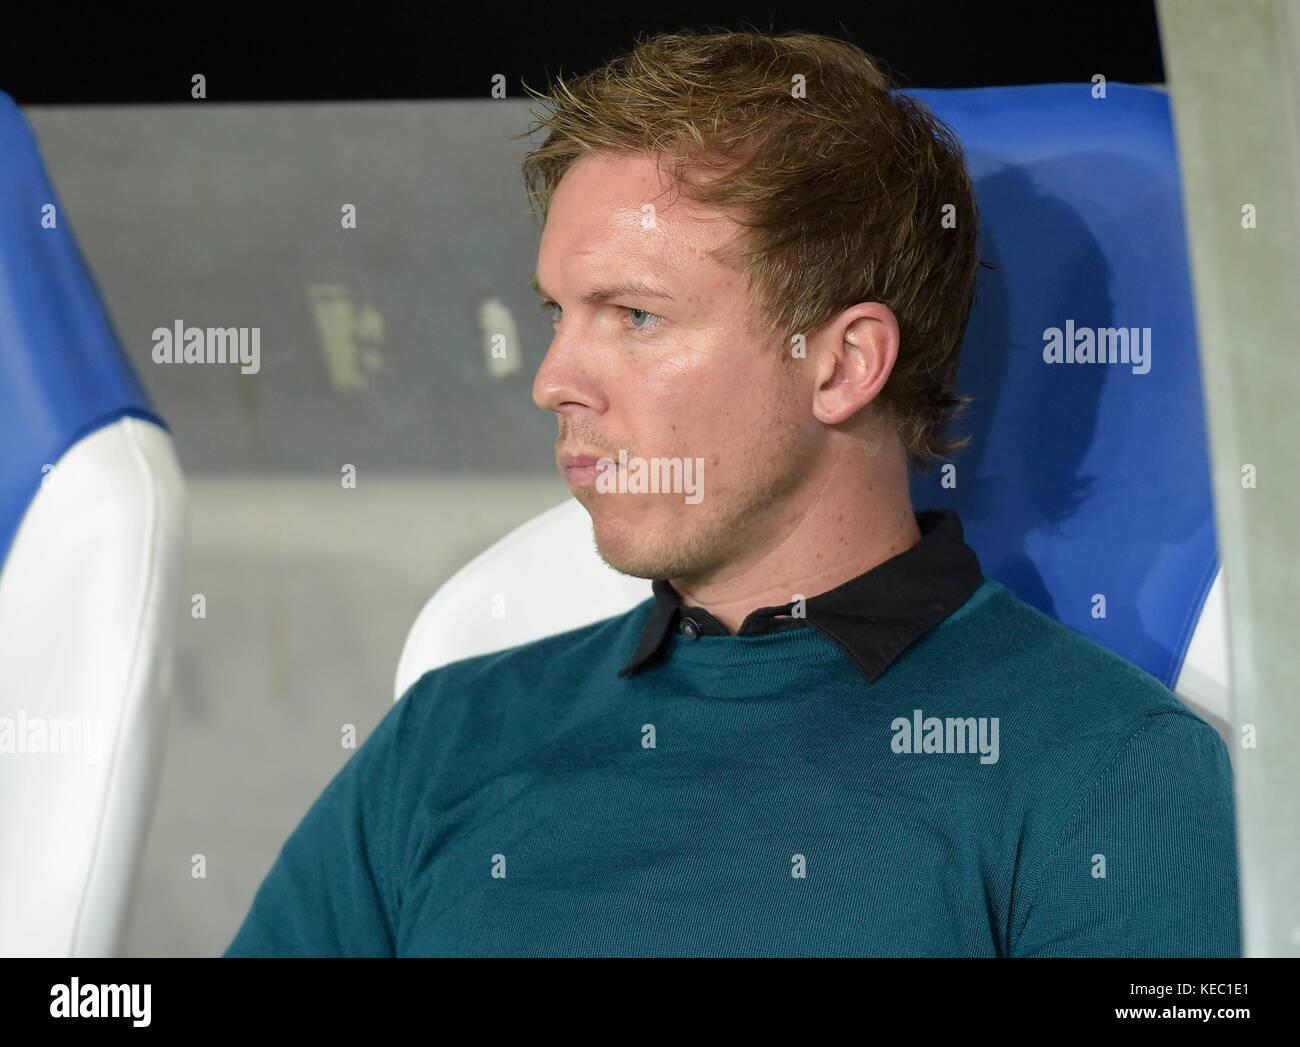 Sinsheim, GER - October 19, Rhein-Neckar-Arena . Headcoach Julian Nagelsmann of Hoffenheim during the the game between - Stock Image